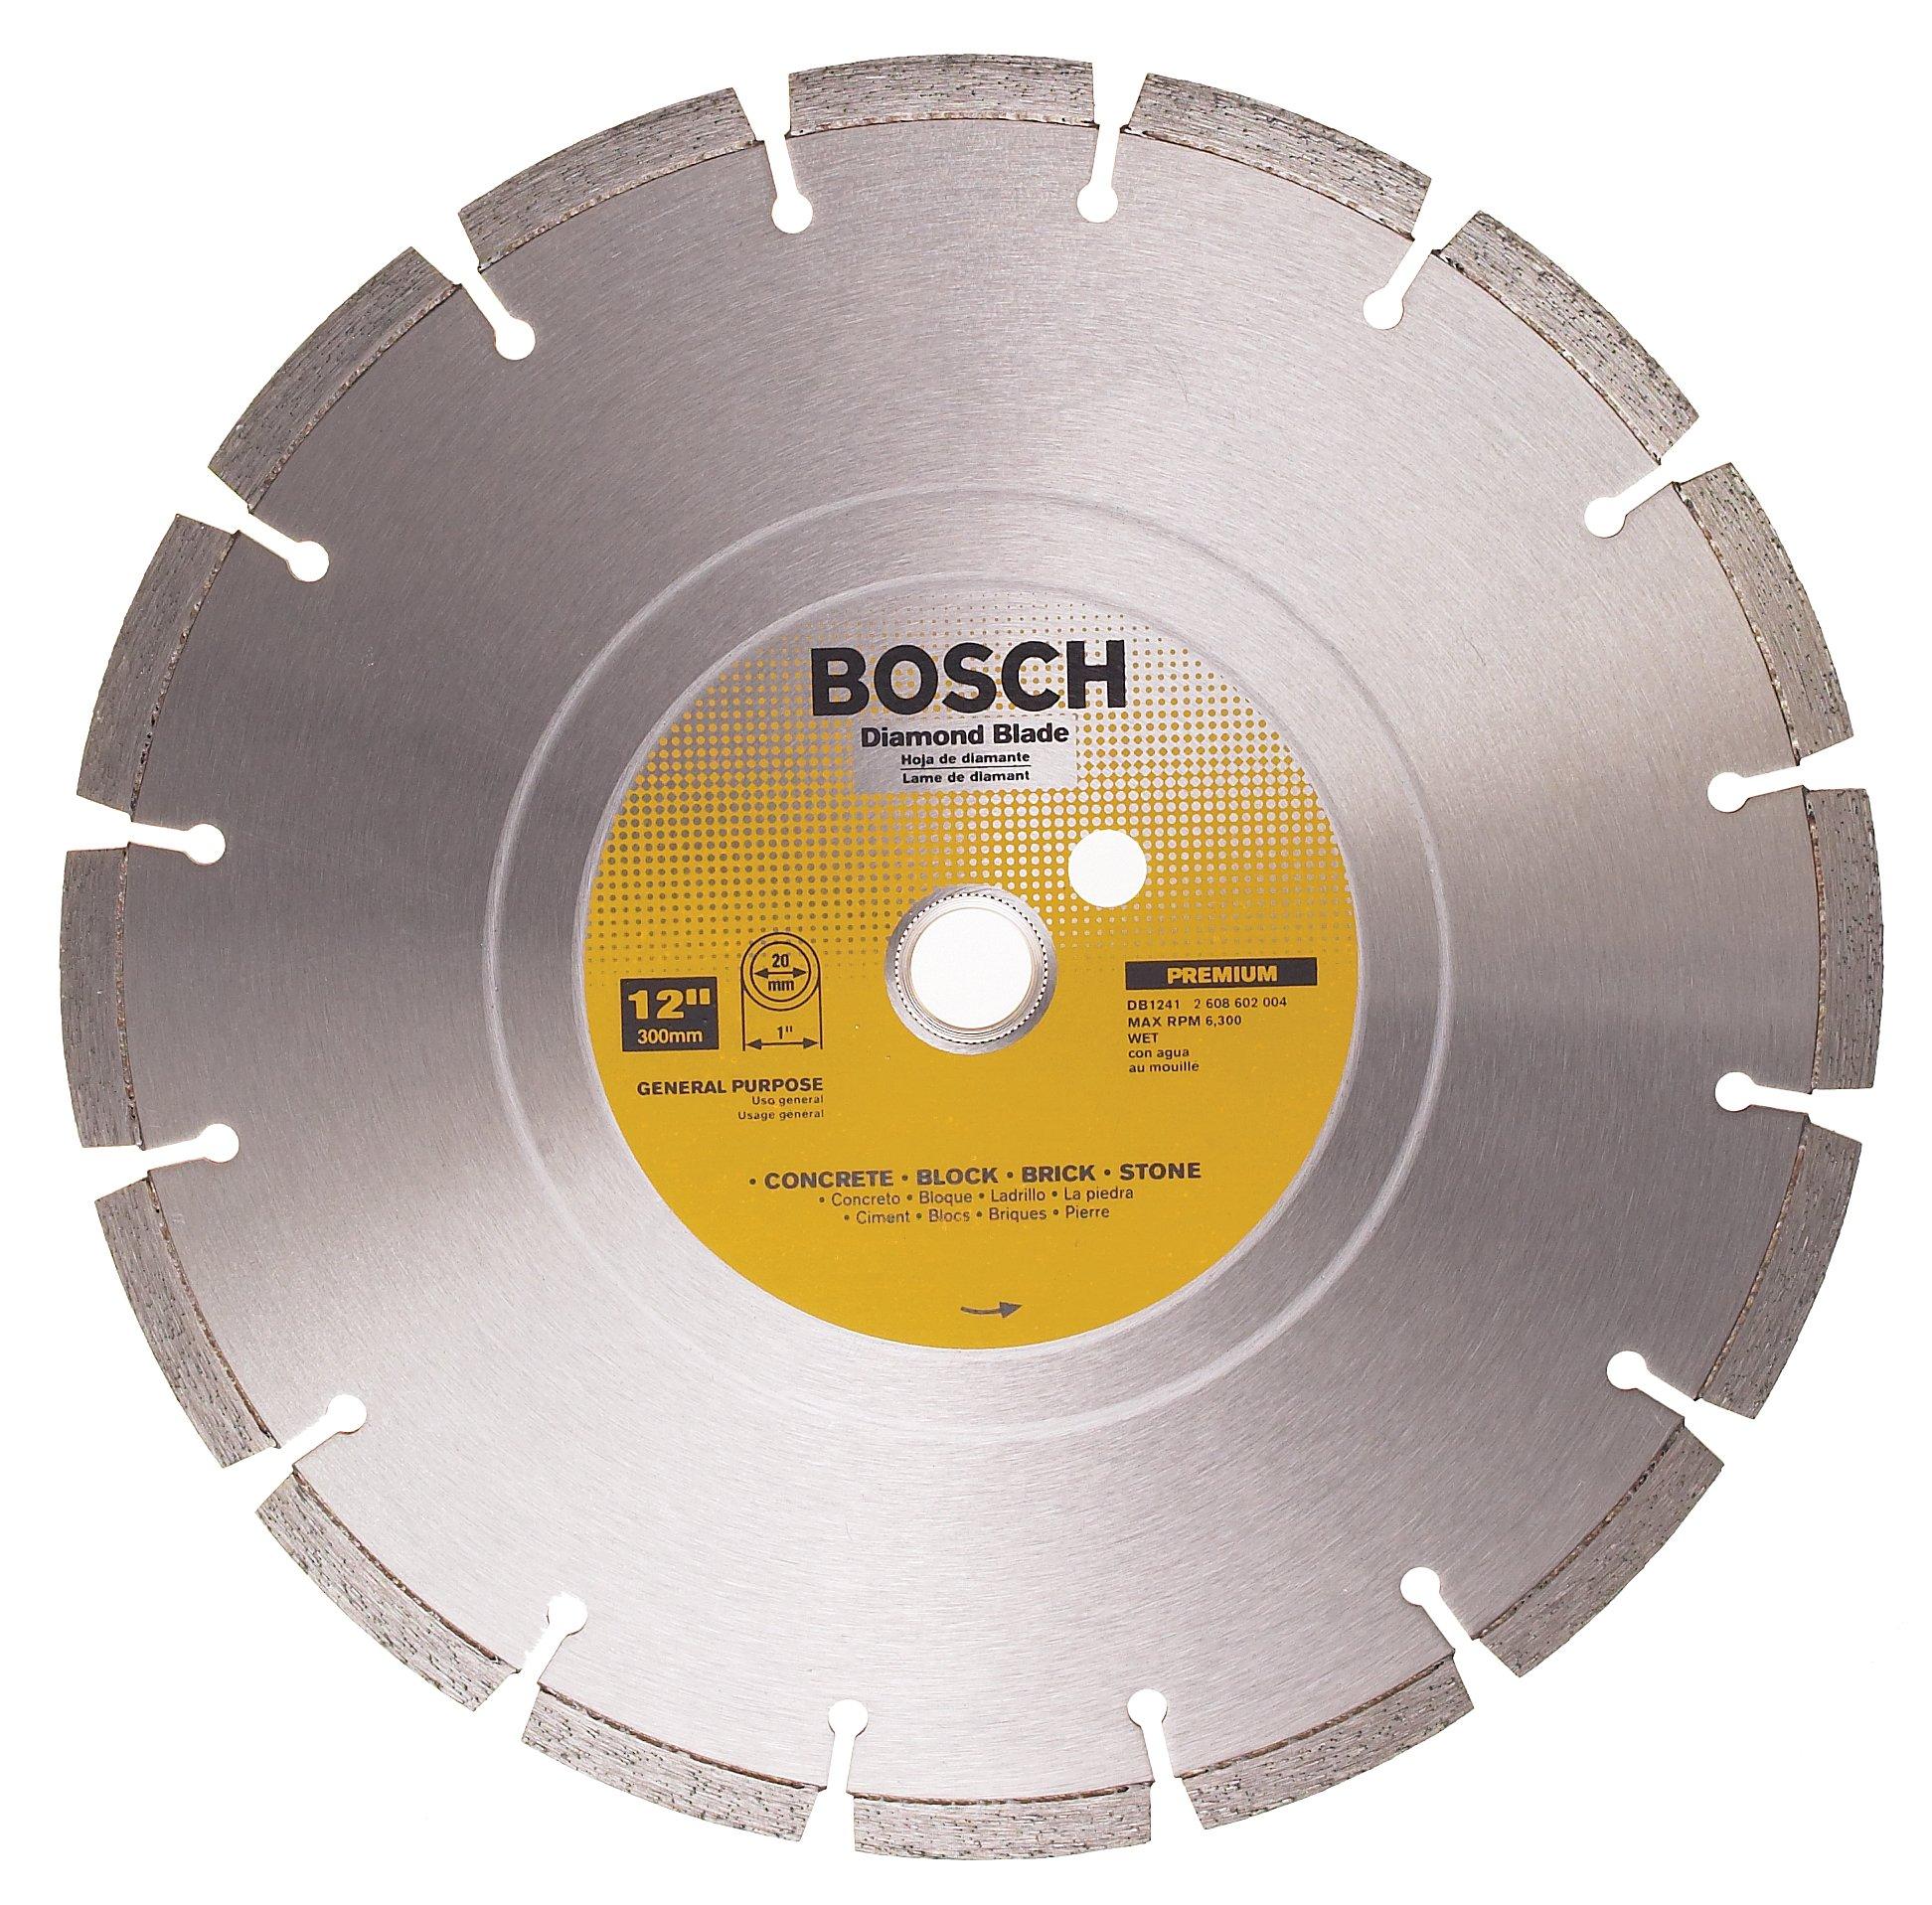 Disco De Diamante Bosch Db1241 Premium Plus Segmentado De Corte En Humedo De 12 Pulg. Con Eje De 1 Pulgada Para Mamposte